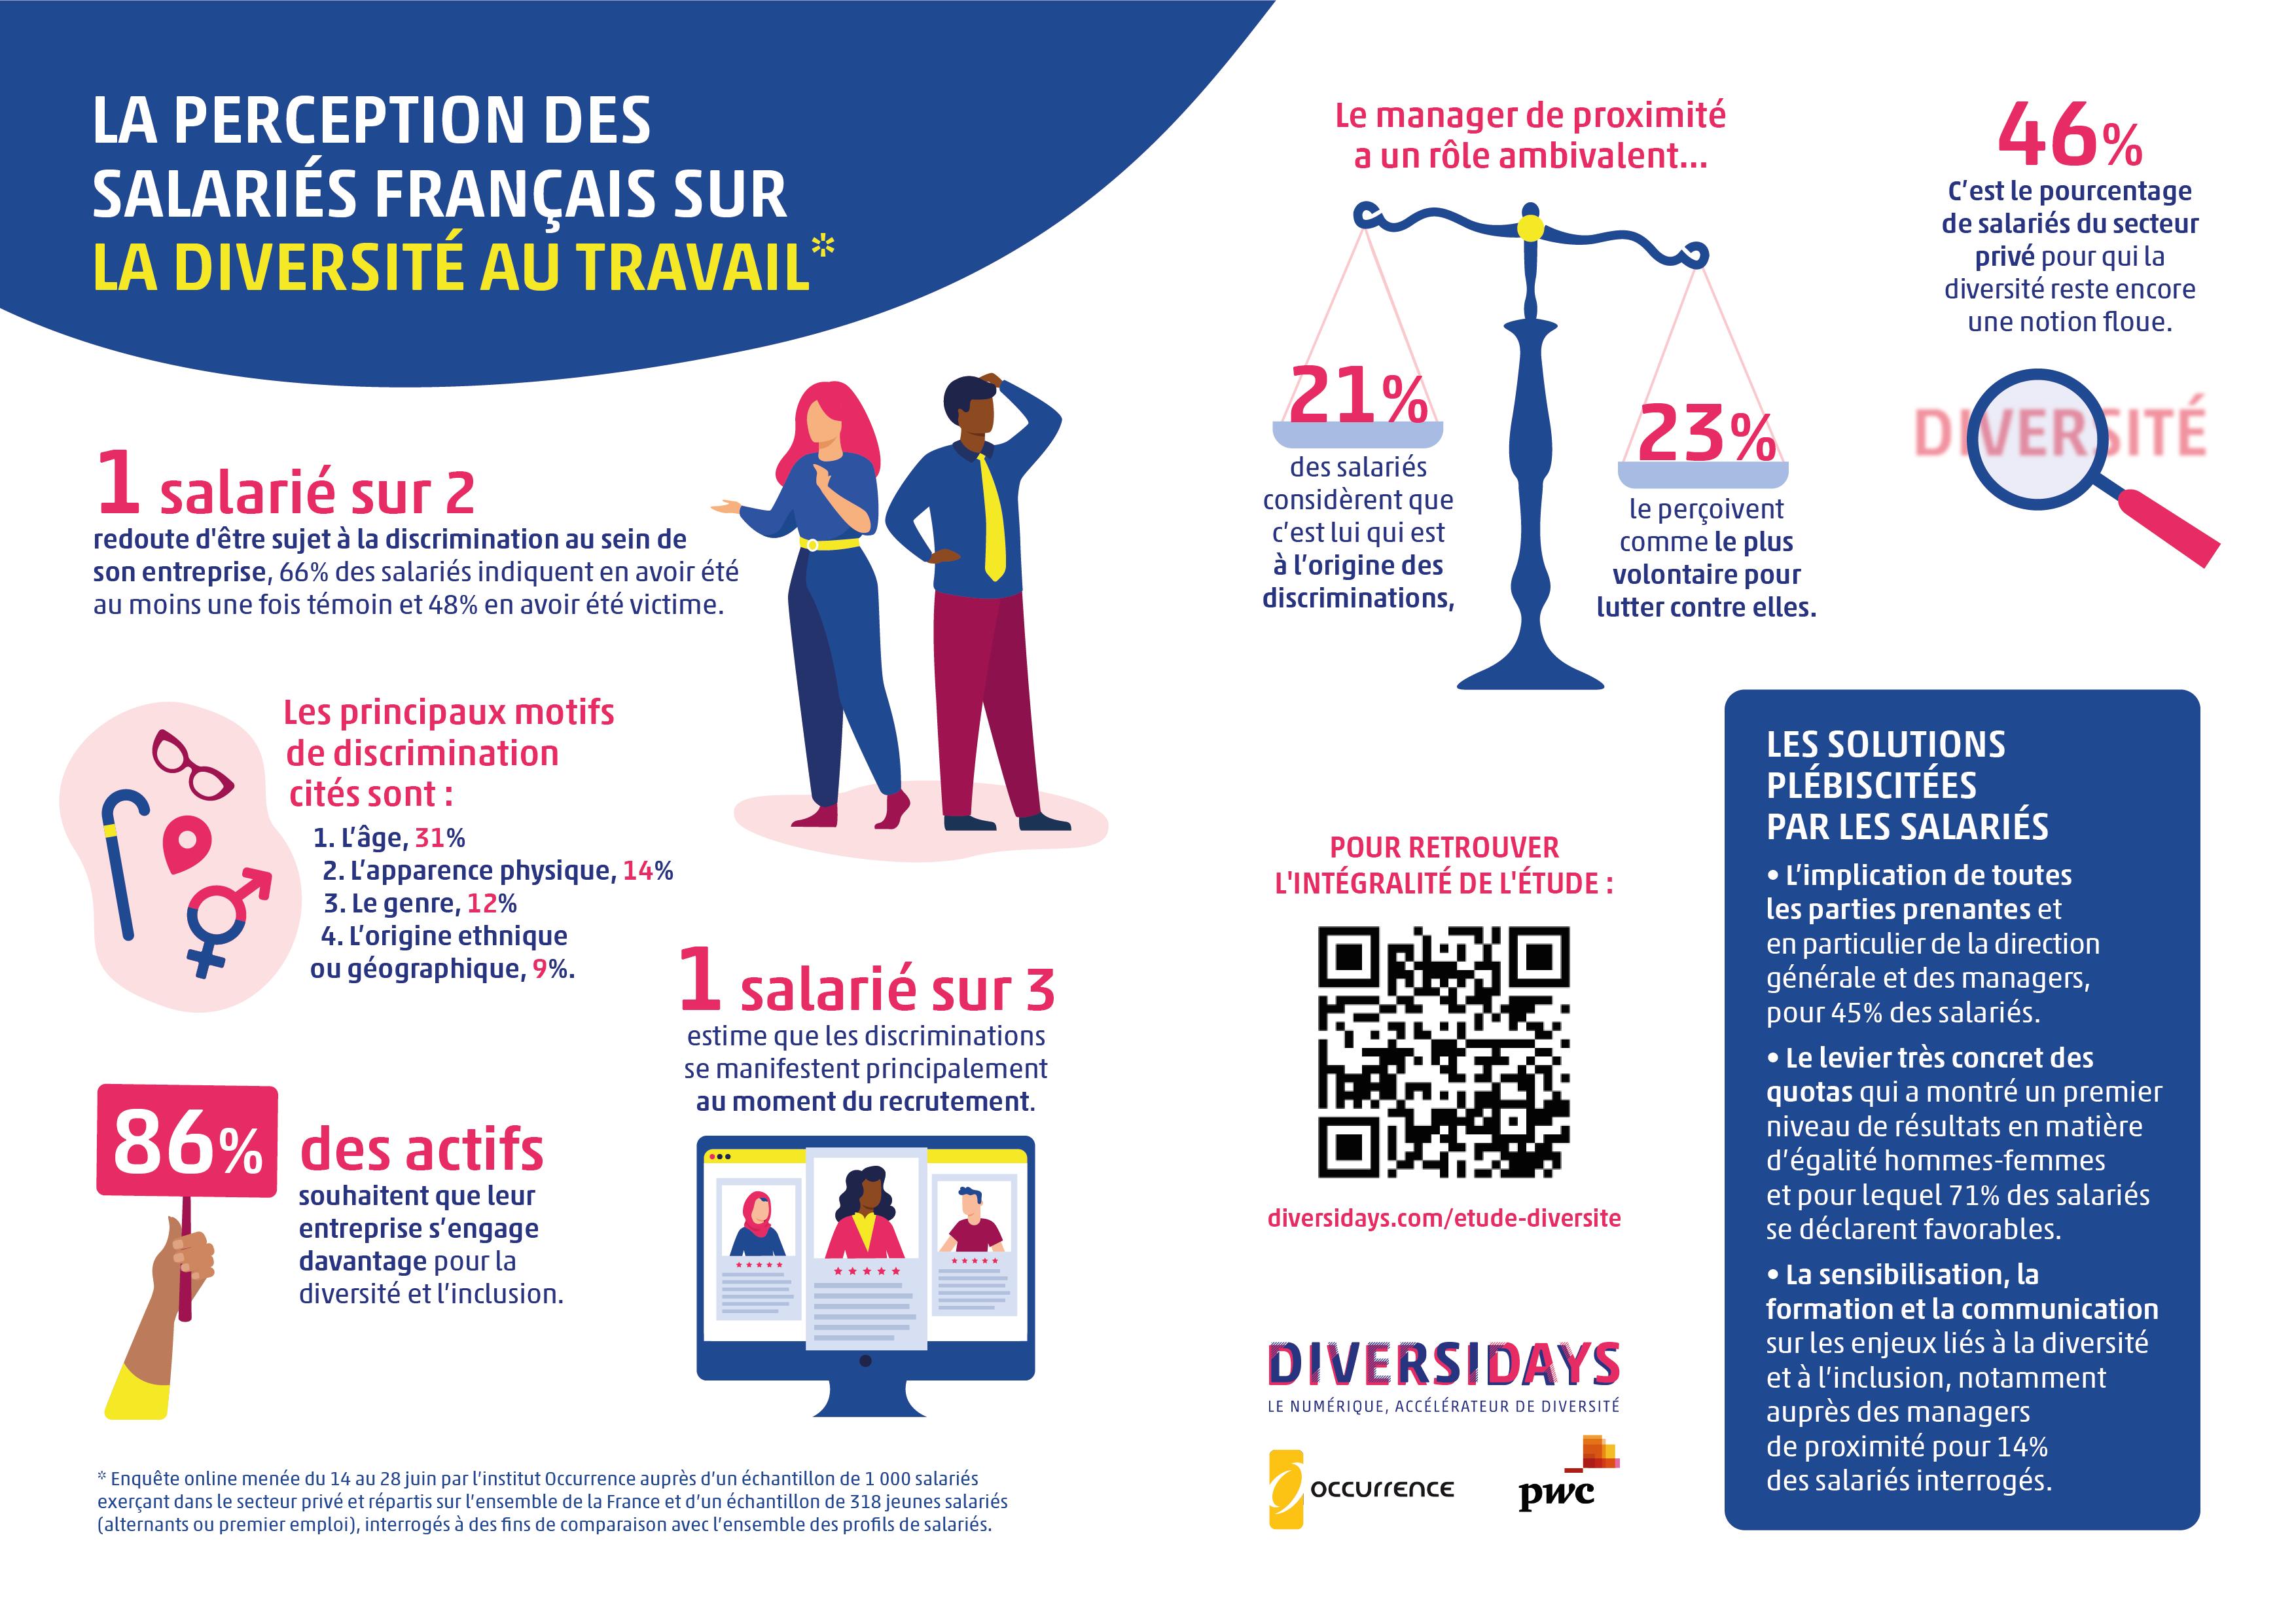 infographie perception des salariés français sur la diversité au travail